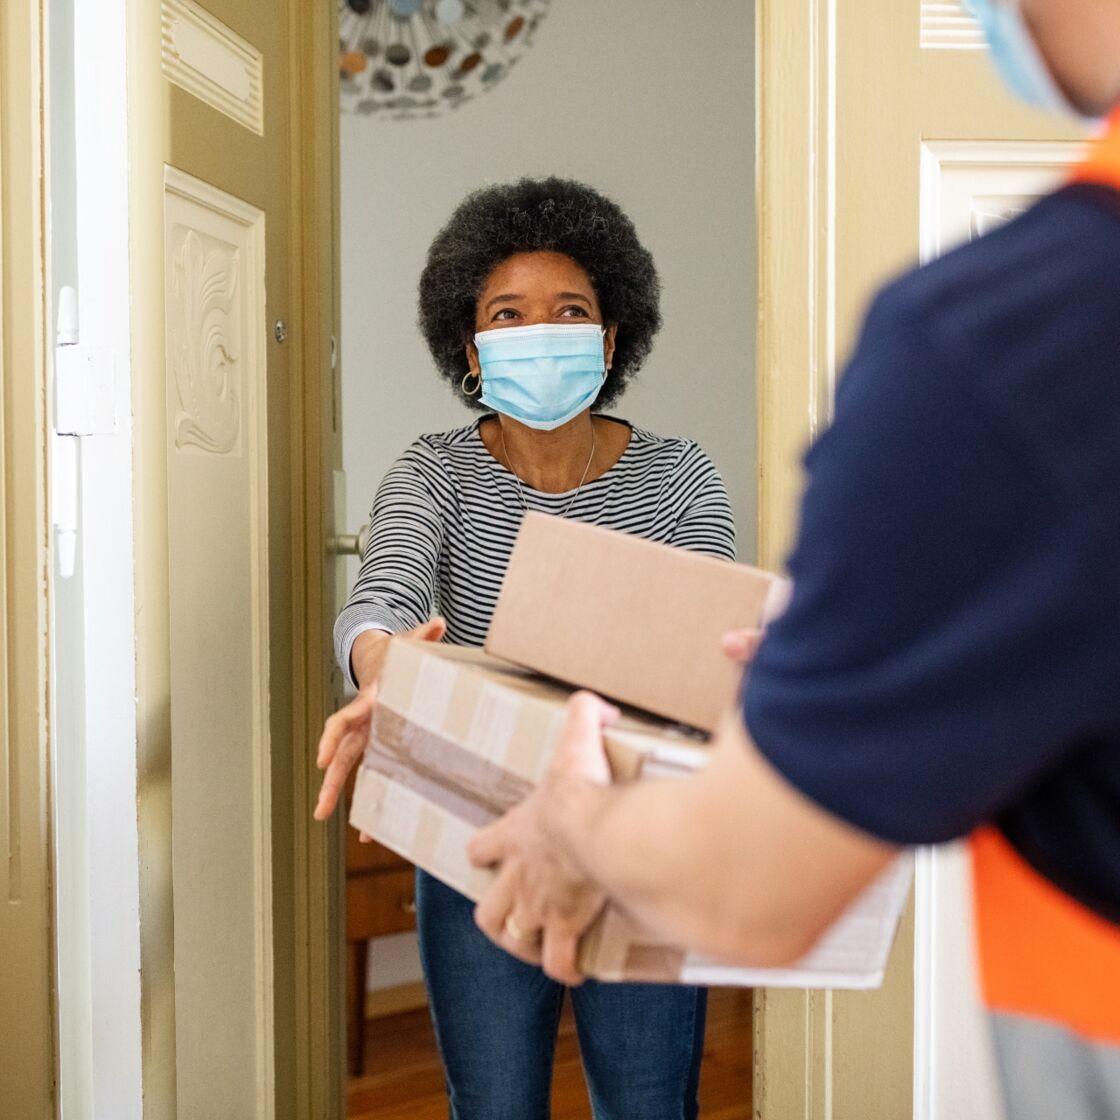 Paket Vom Nachbarn Angenommen Und Nicht Abgeholt